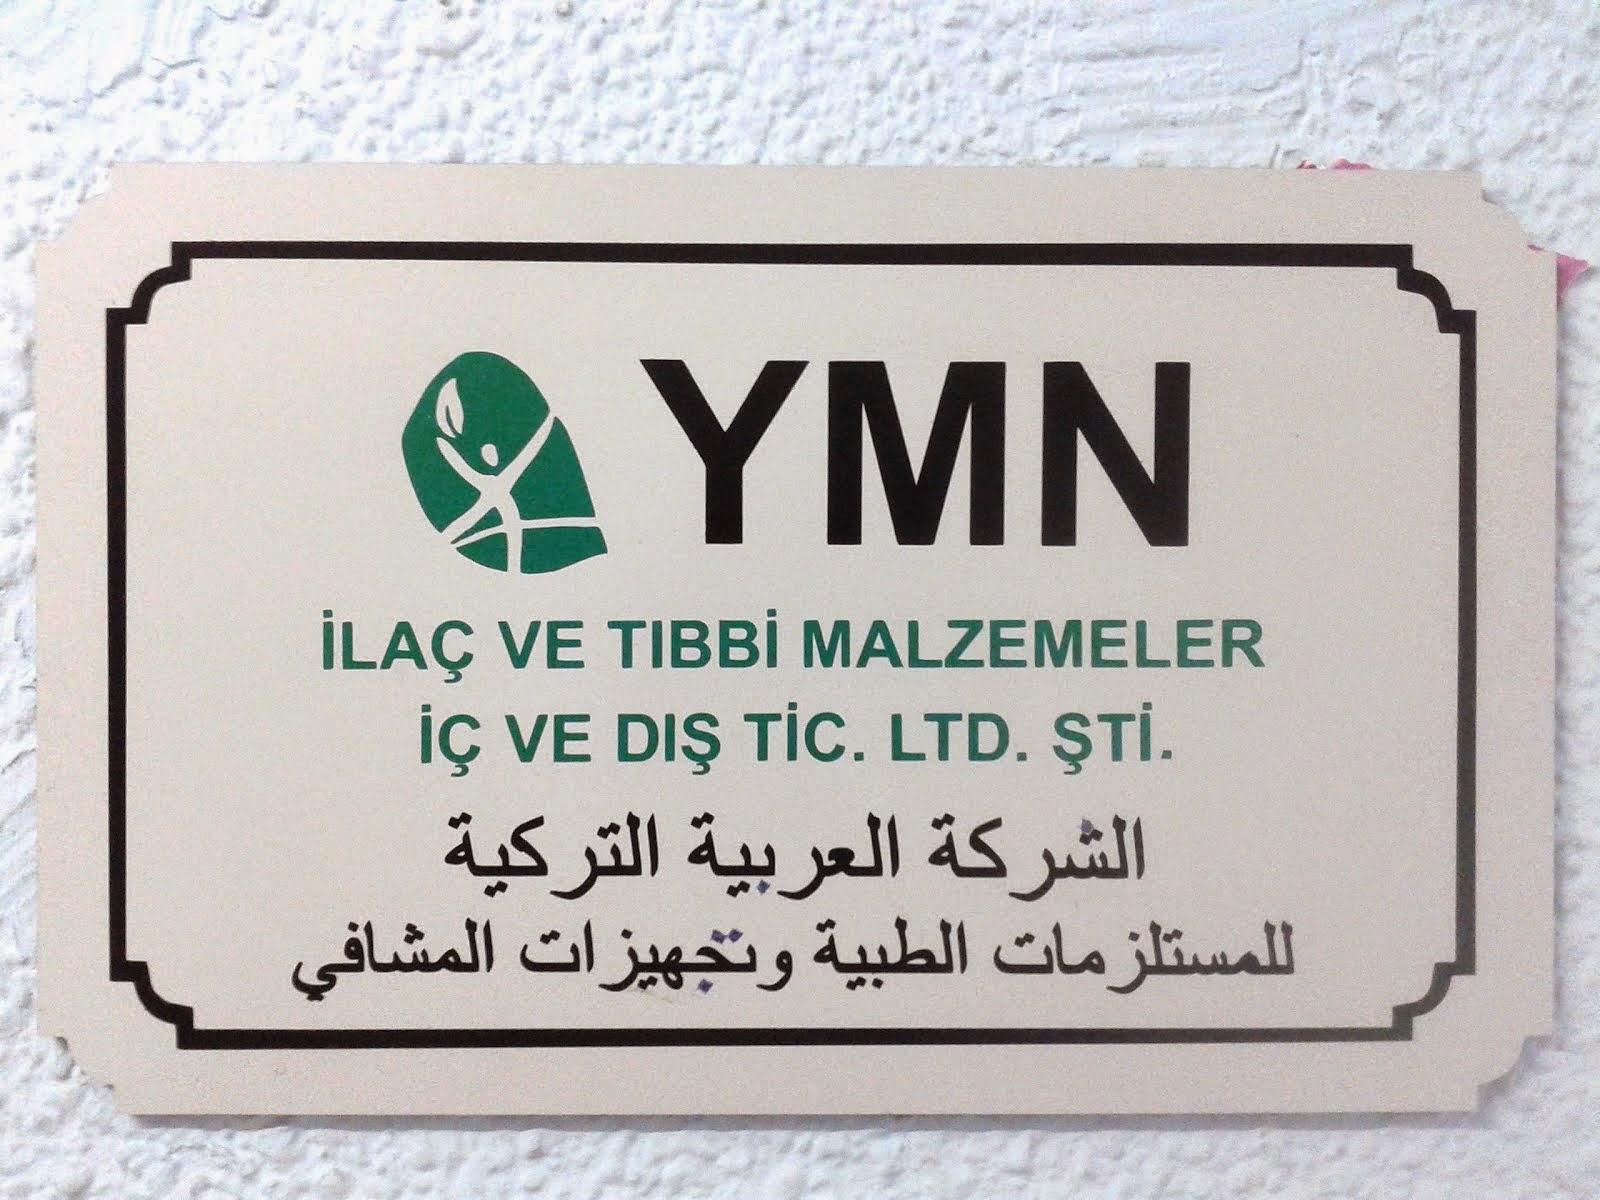 YMN-MED  الشركة العربية التركية للمستلزمات الطبية وتجهيزات المشافي